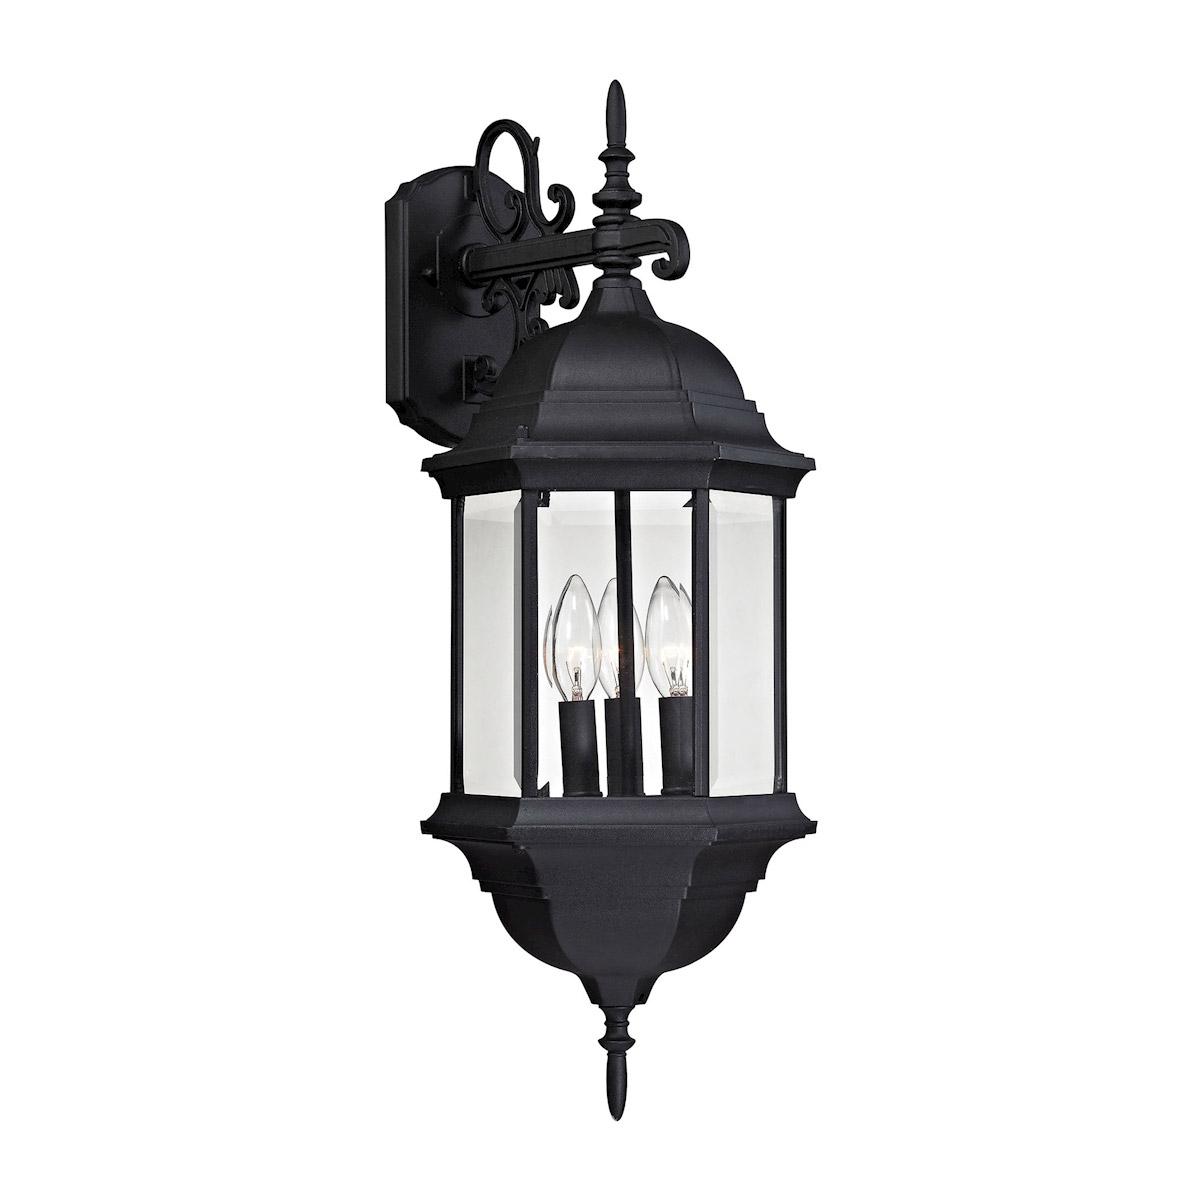 Binegar Matte Black Outdoor Wall Lanterns Regarding Recent Thomas Lighting 8613ew/65 Spring Lake Outdoor Wall Light (View 9 of 20)